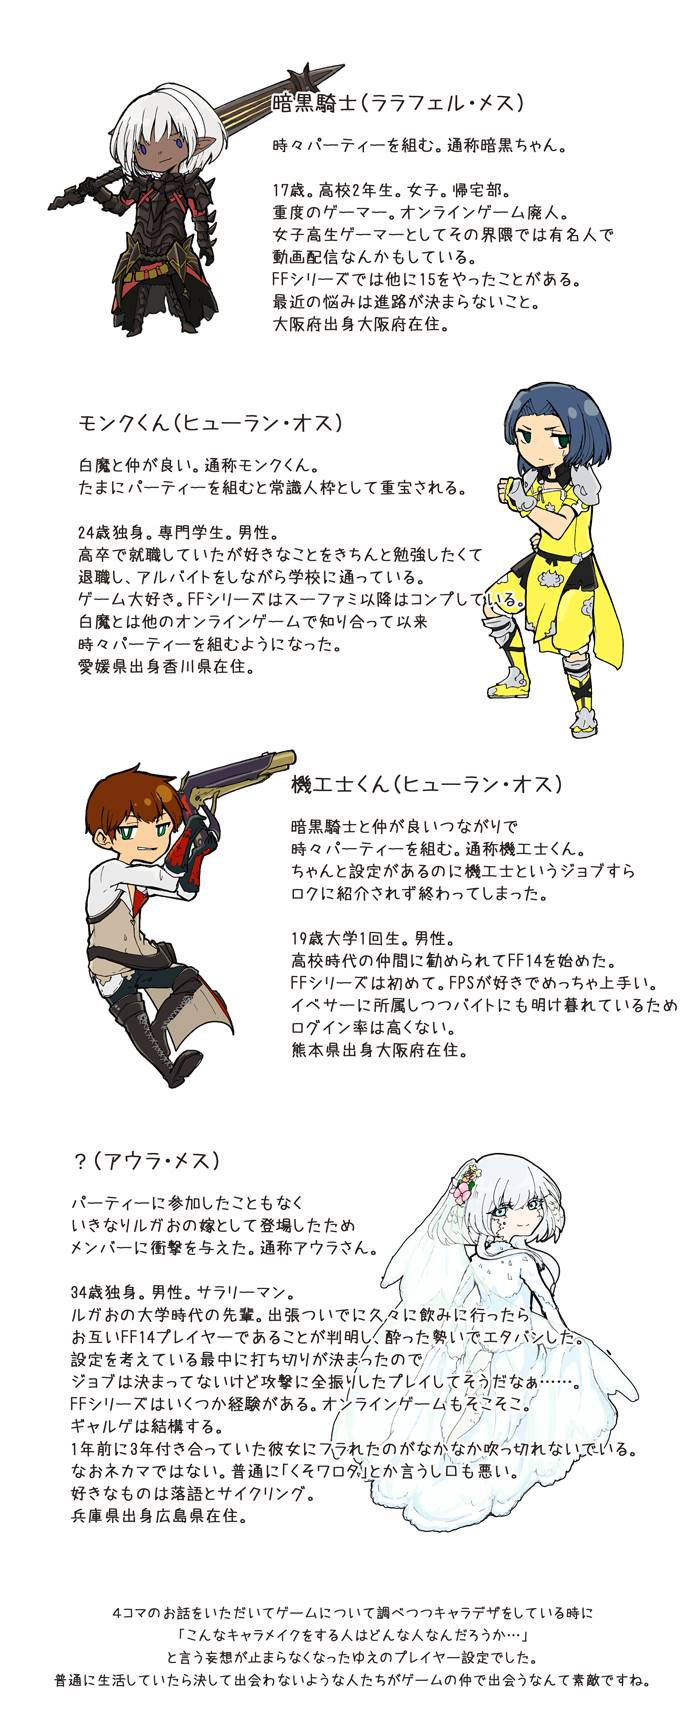 FF14_4コマ漫画-最終話「俺達の明日はこれからだ!」5